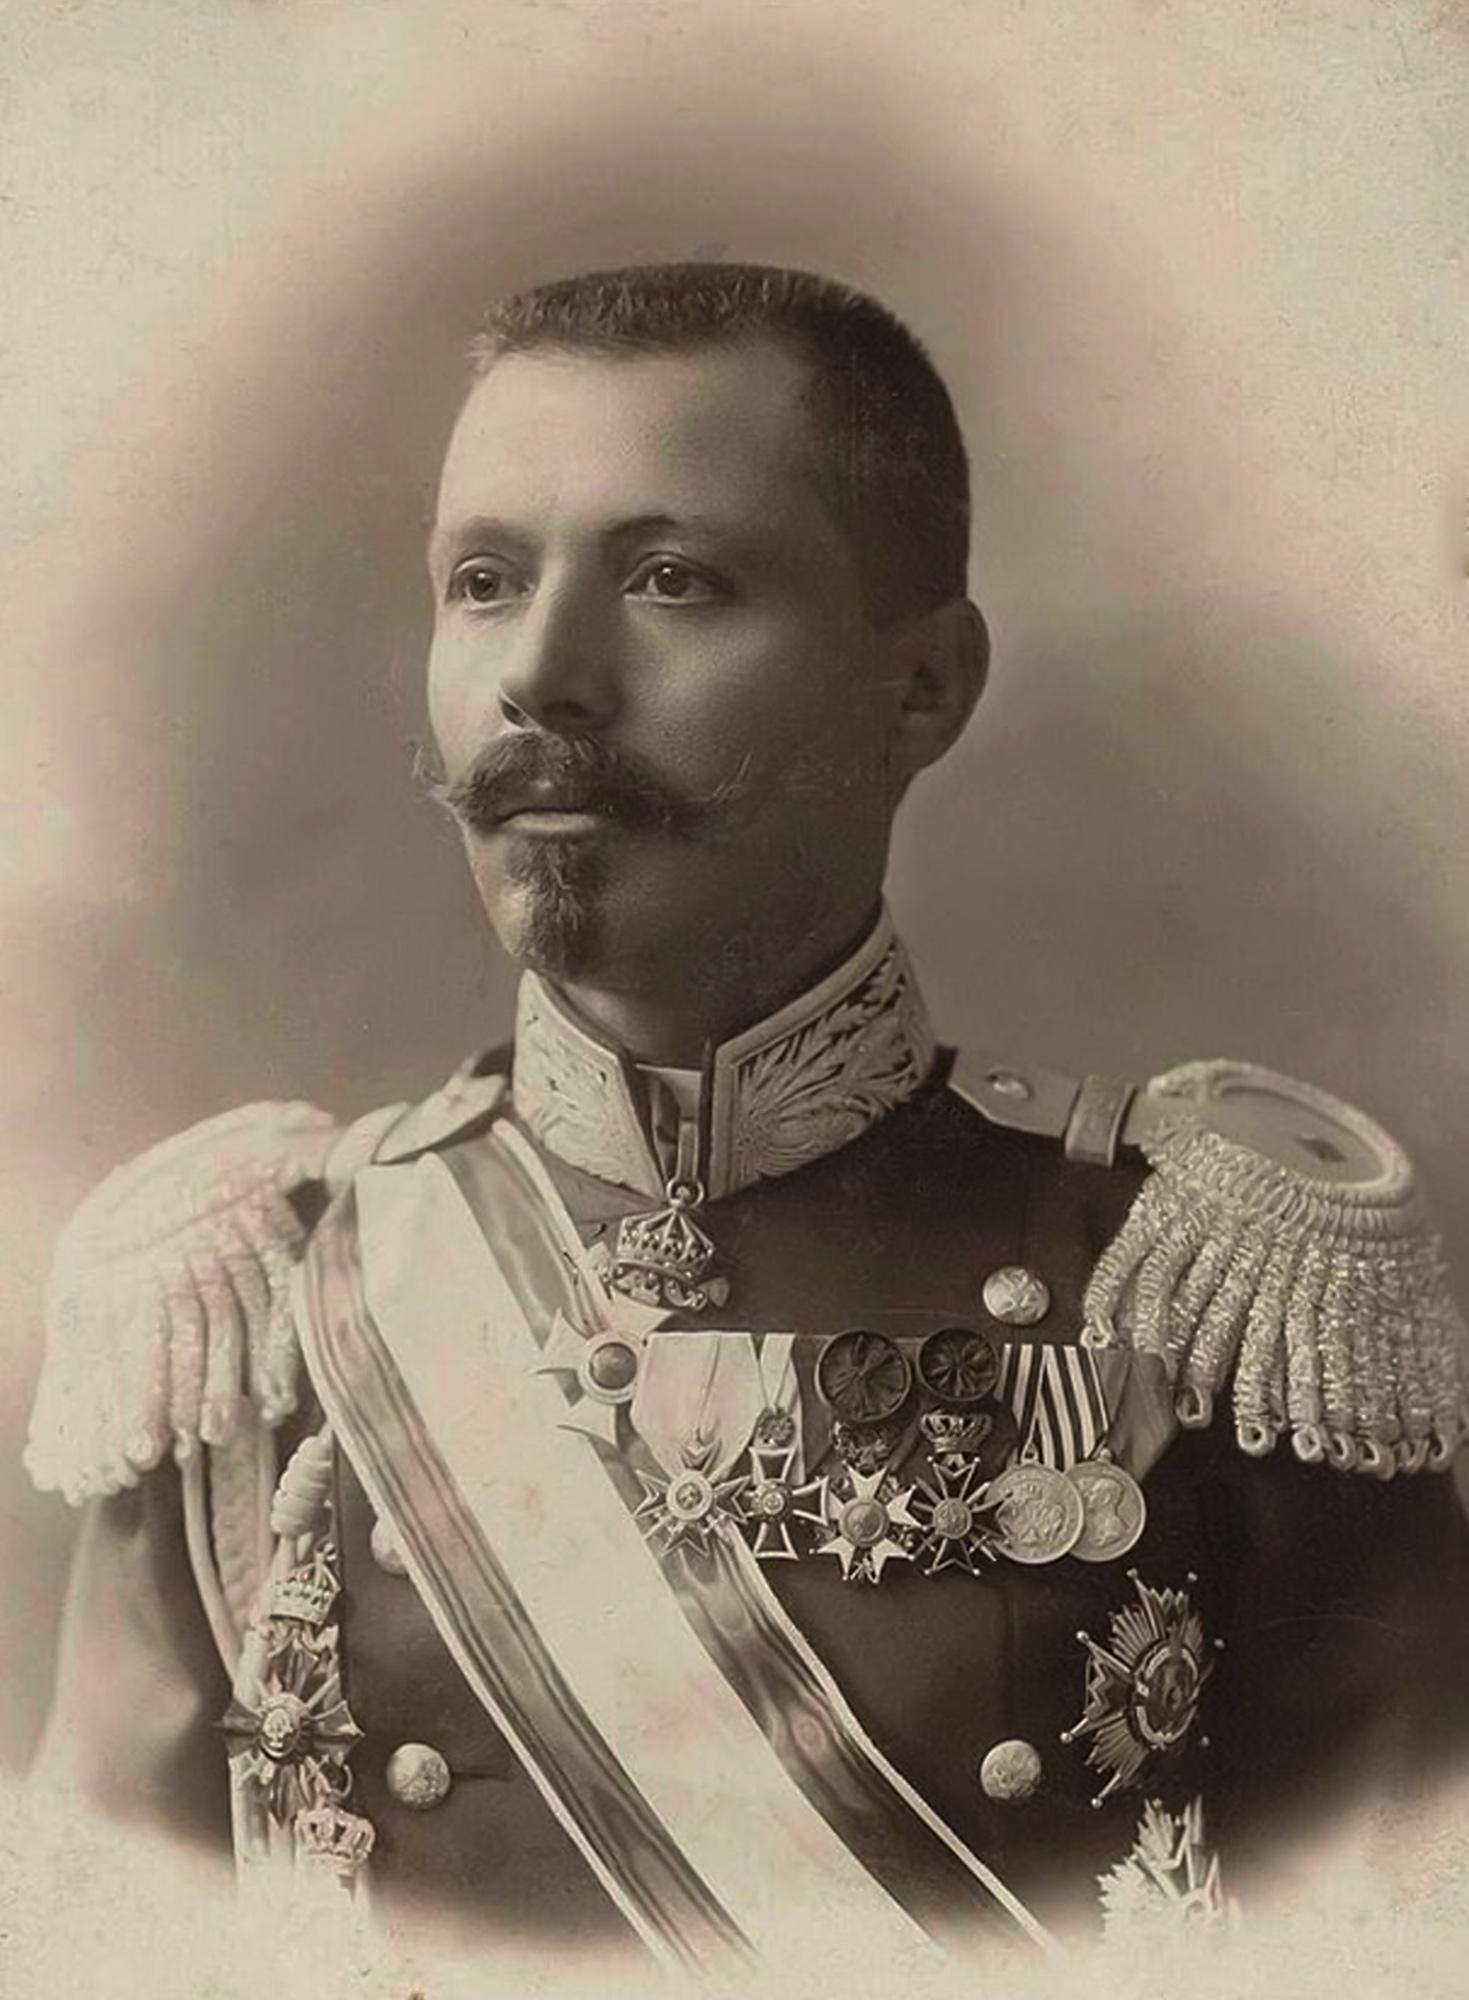 Gen. Nazlamov